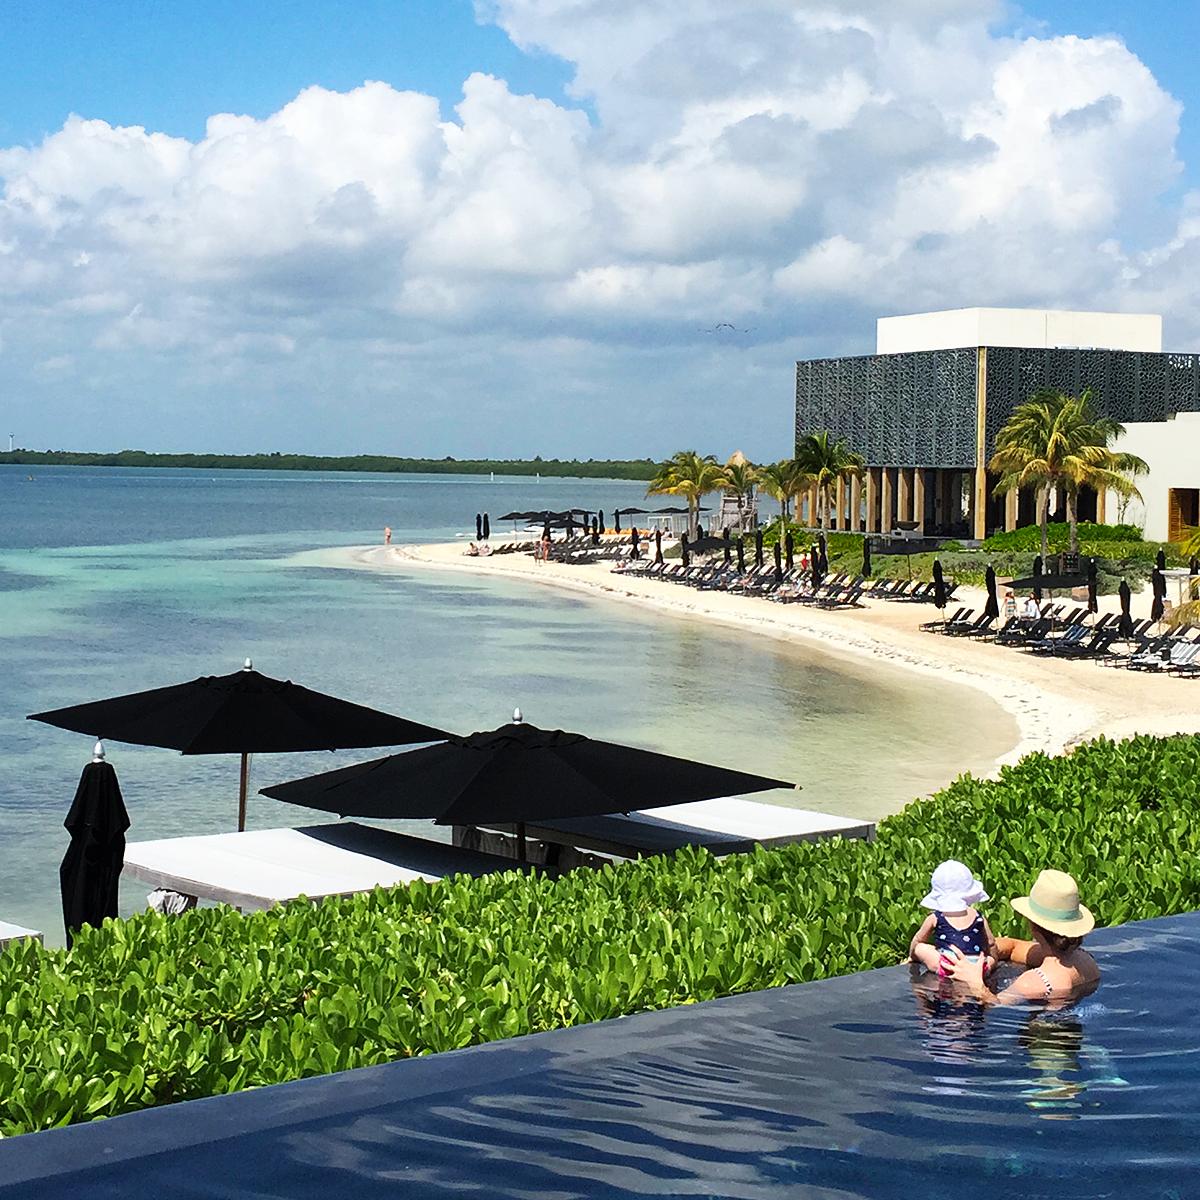 The Riviera Maya, Mexico Viceroy hotel.